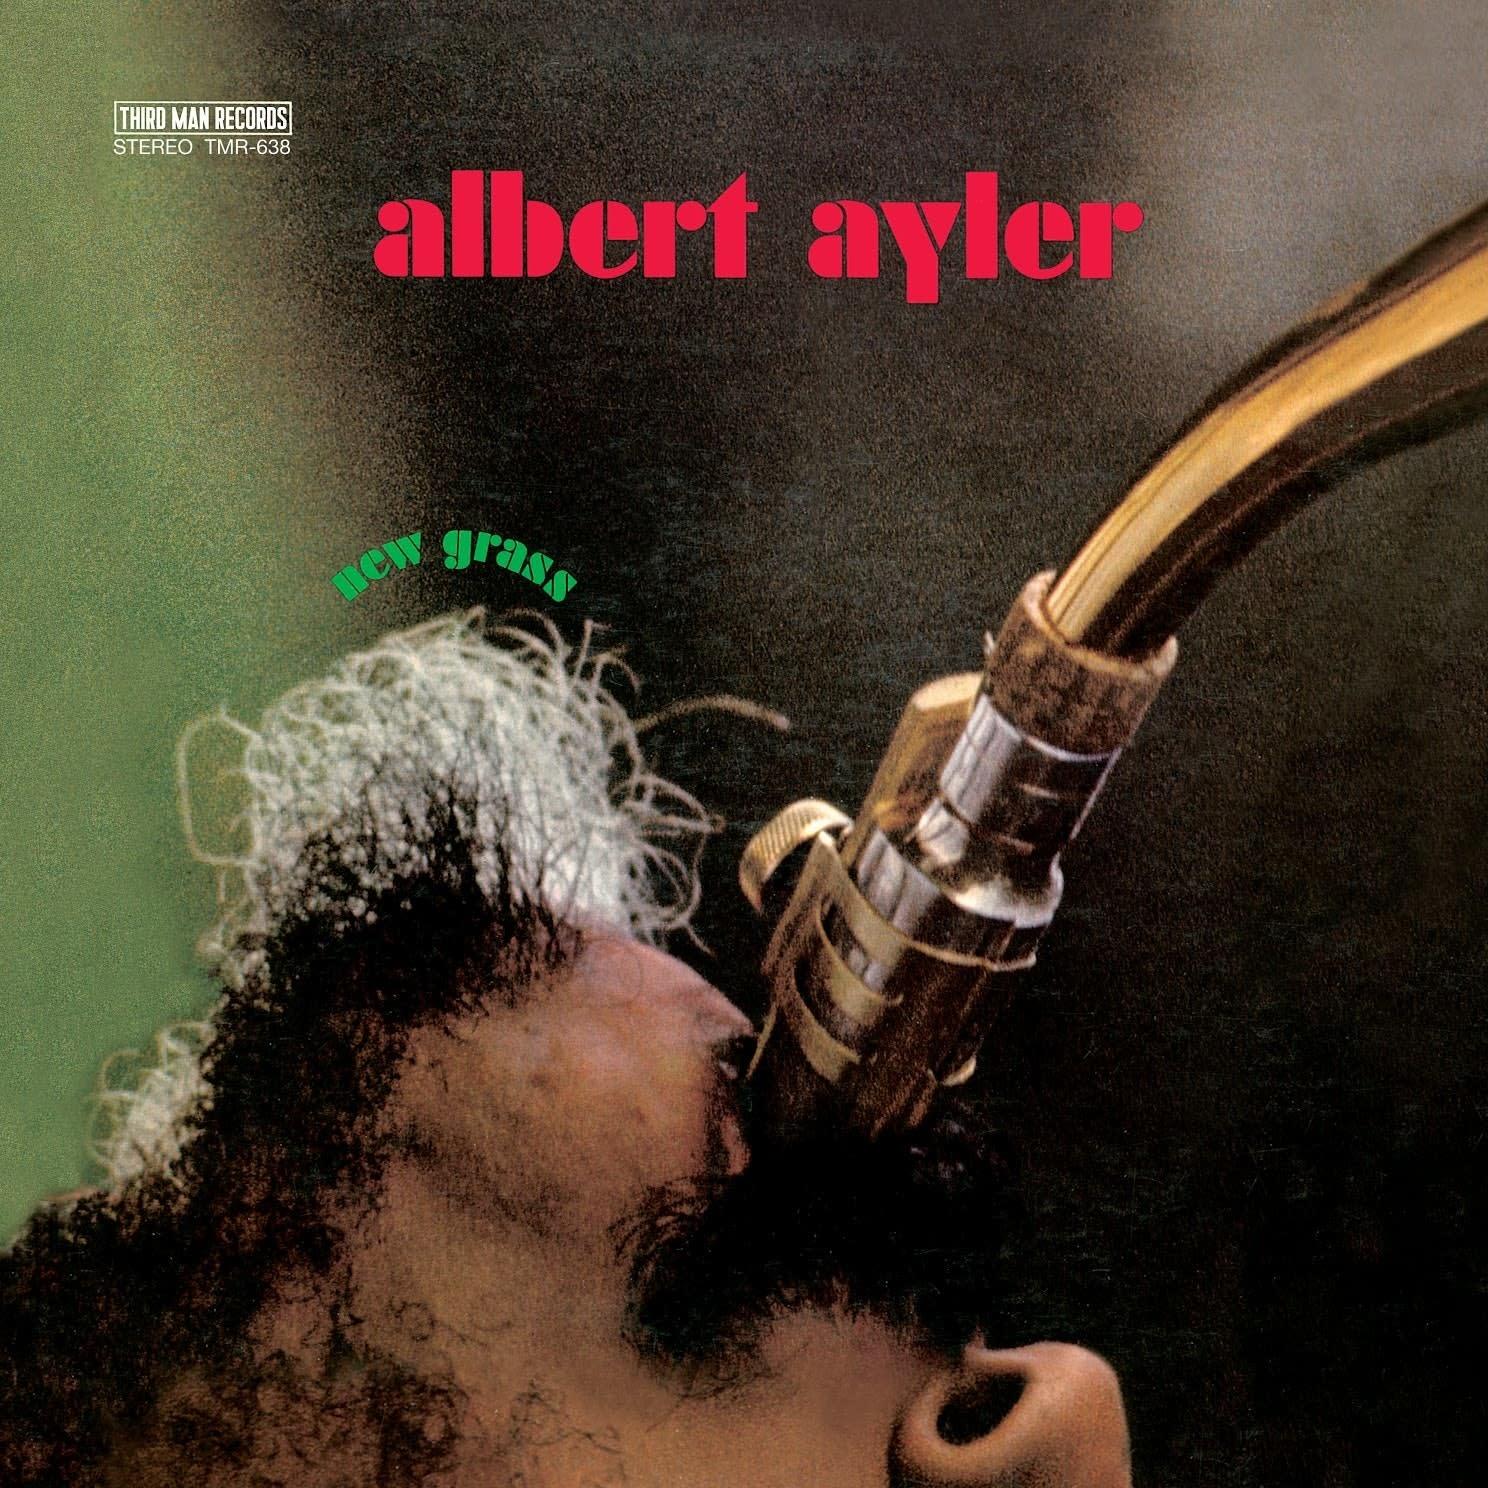 Third Man Records Albert Ayler - New Grass